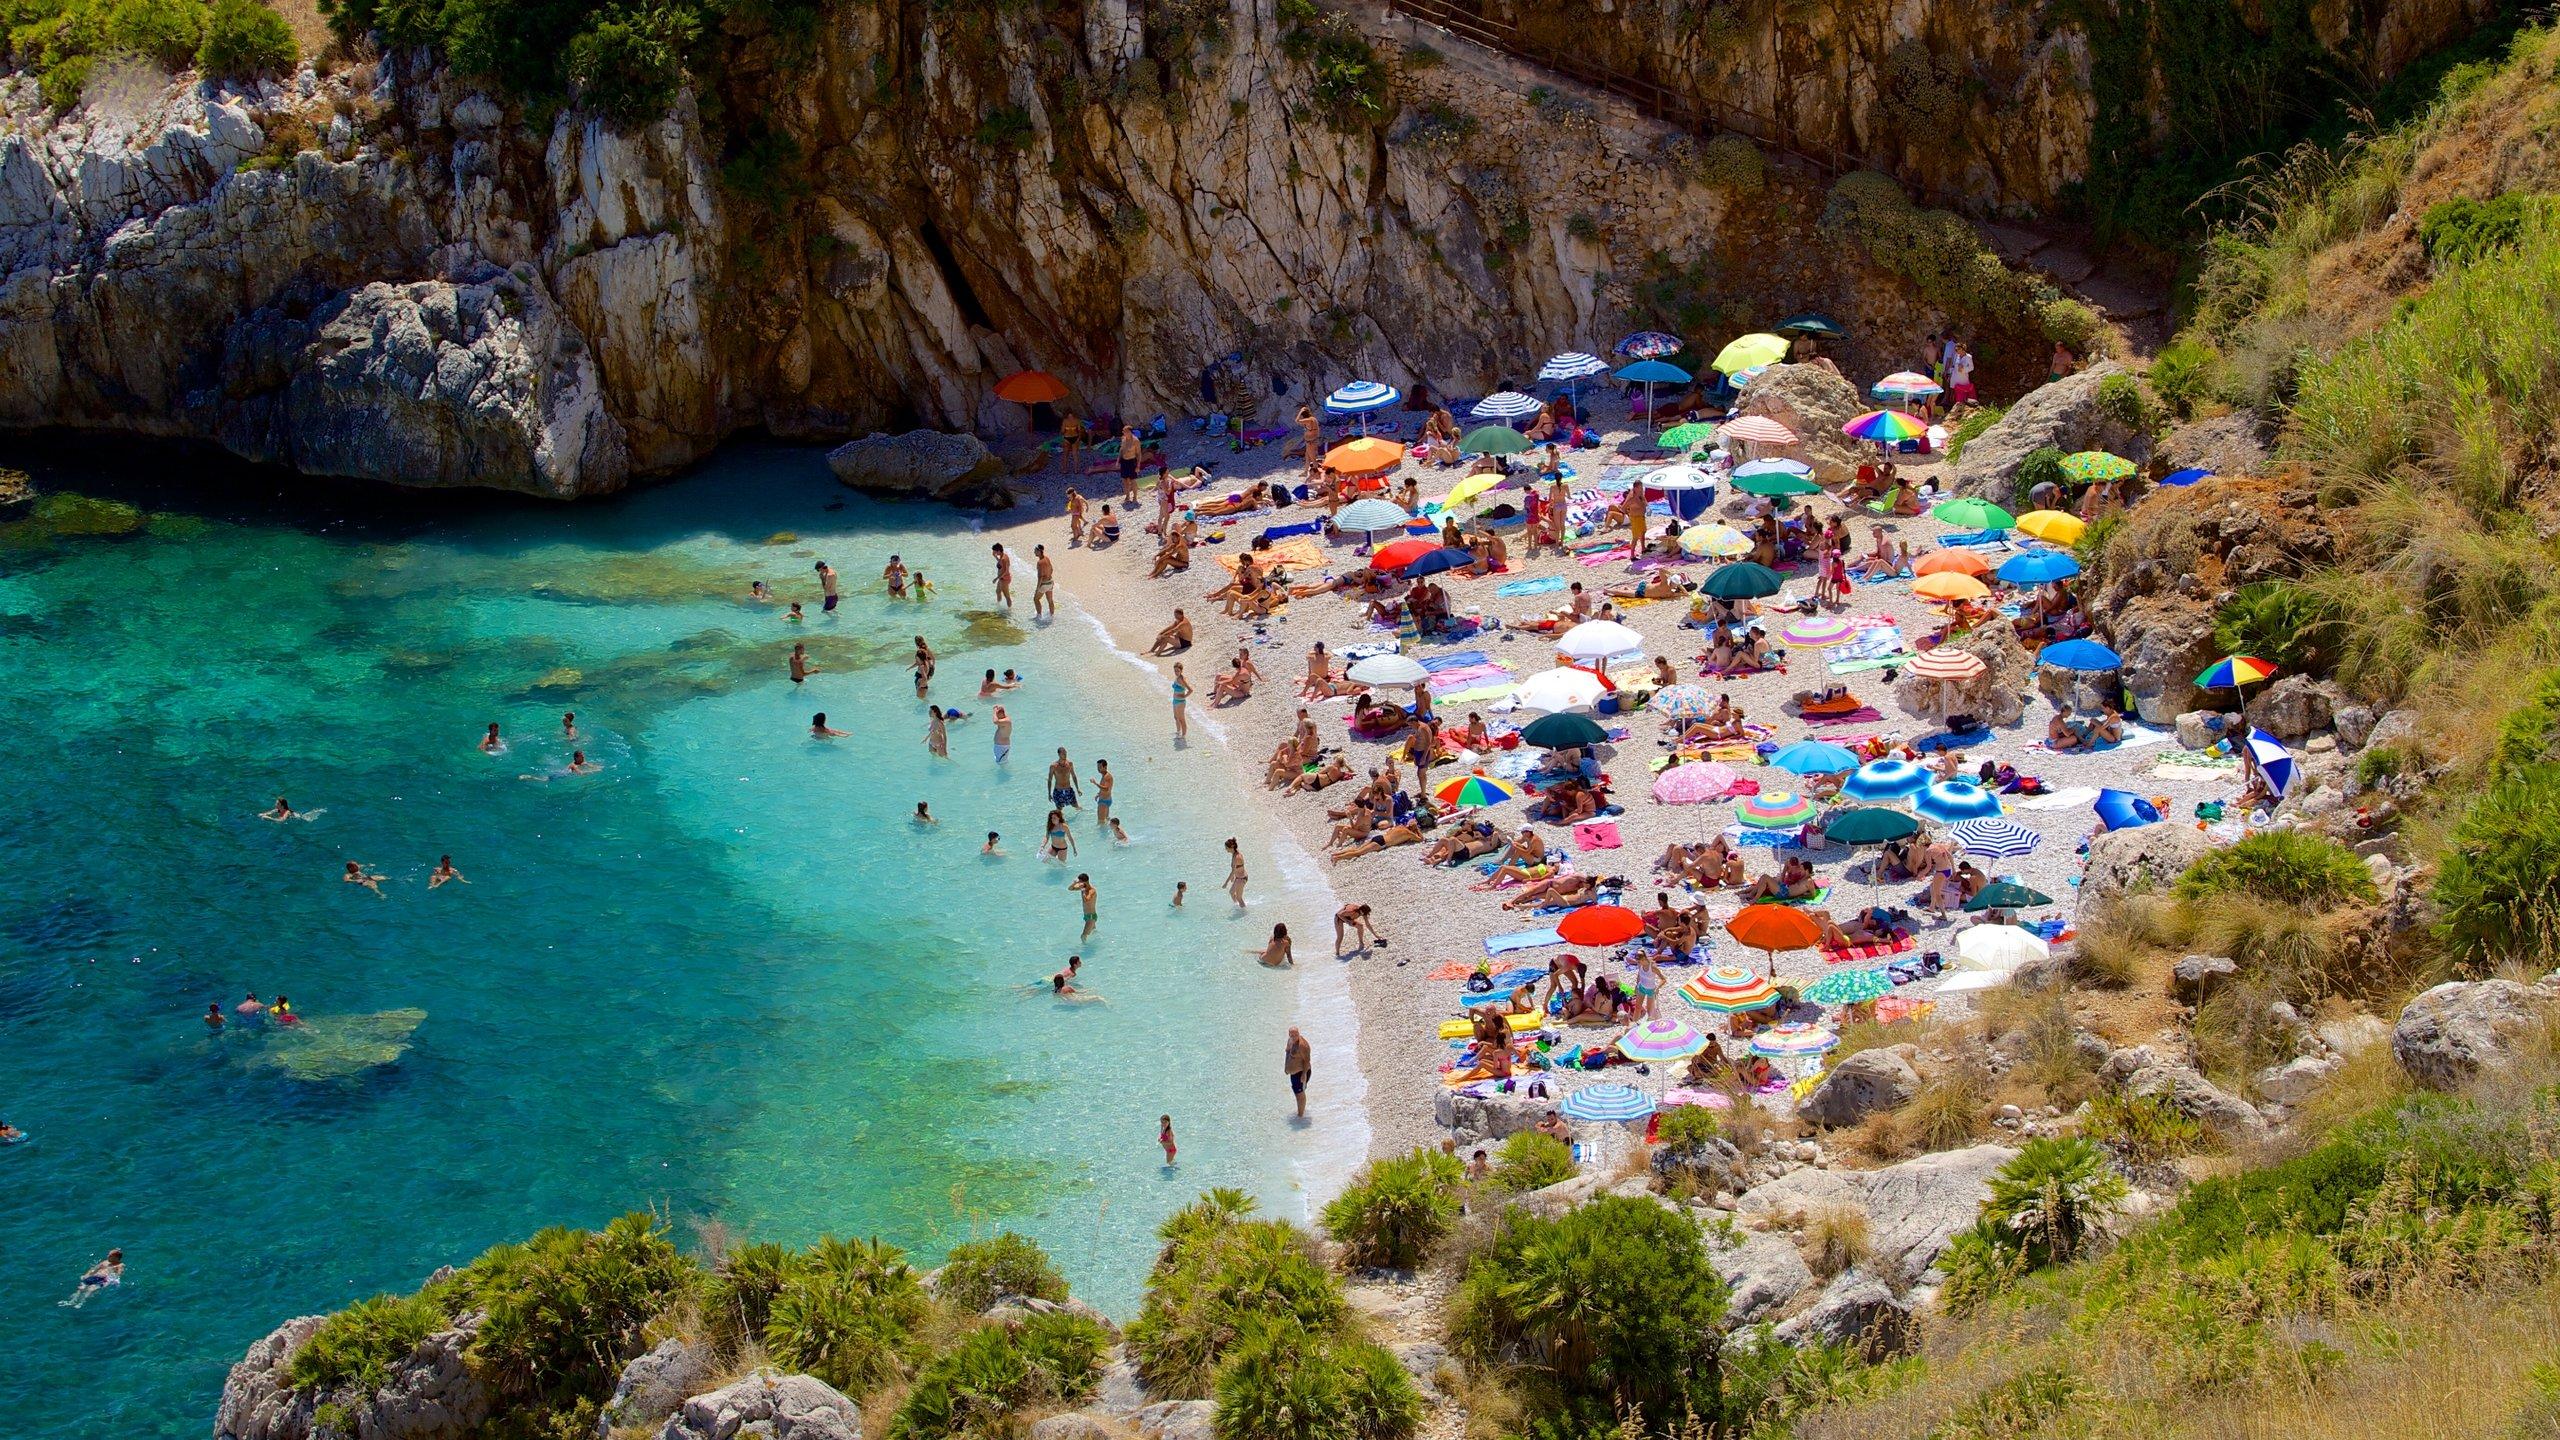 Scopello, Castellammare del Golfo, Sicily, Italy